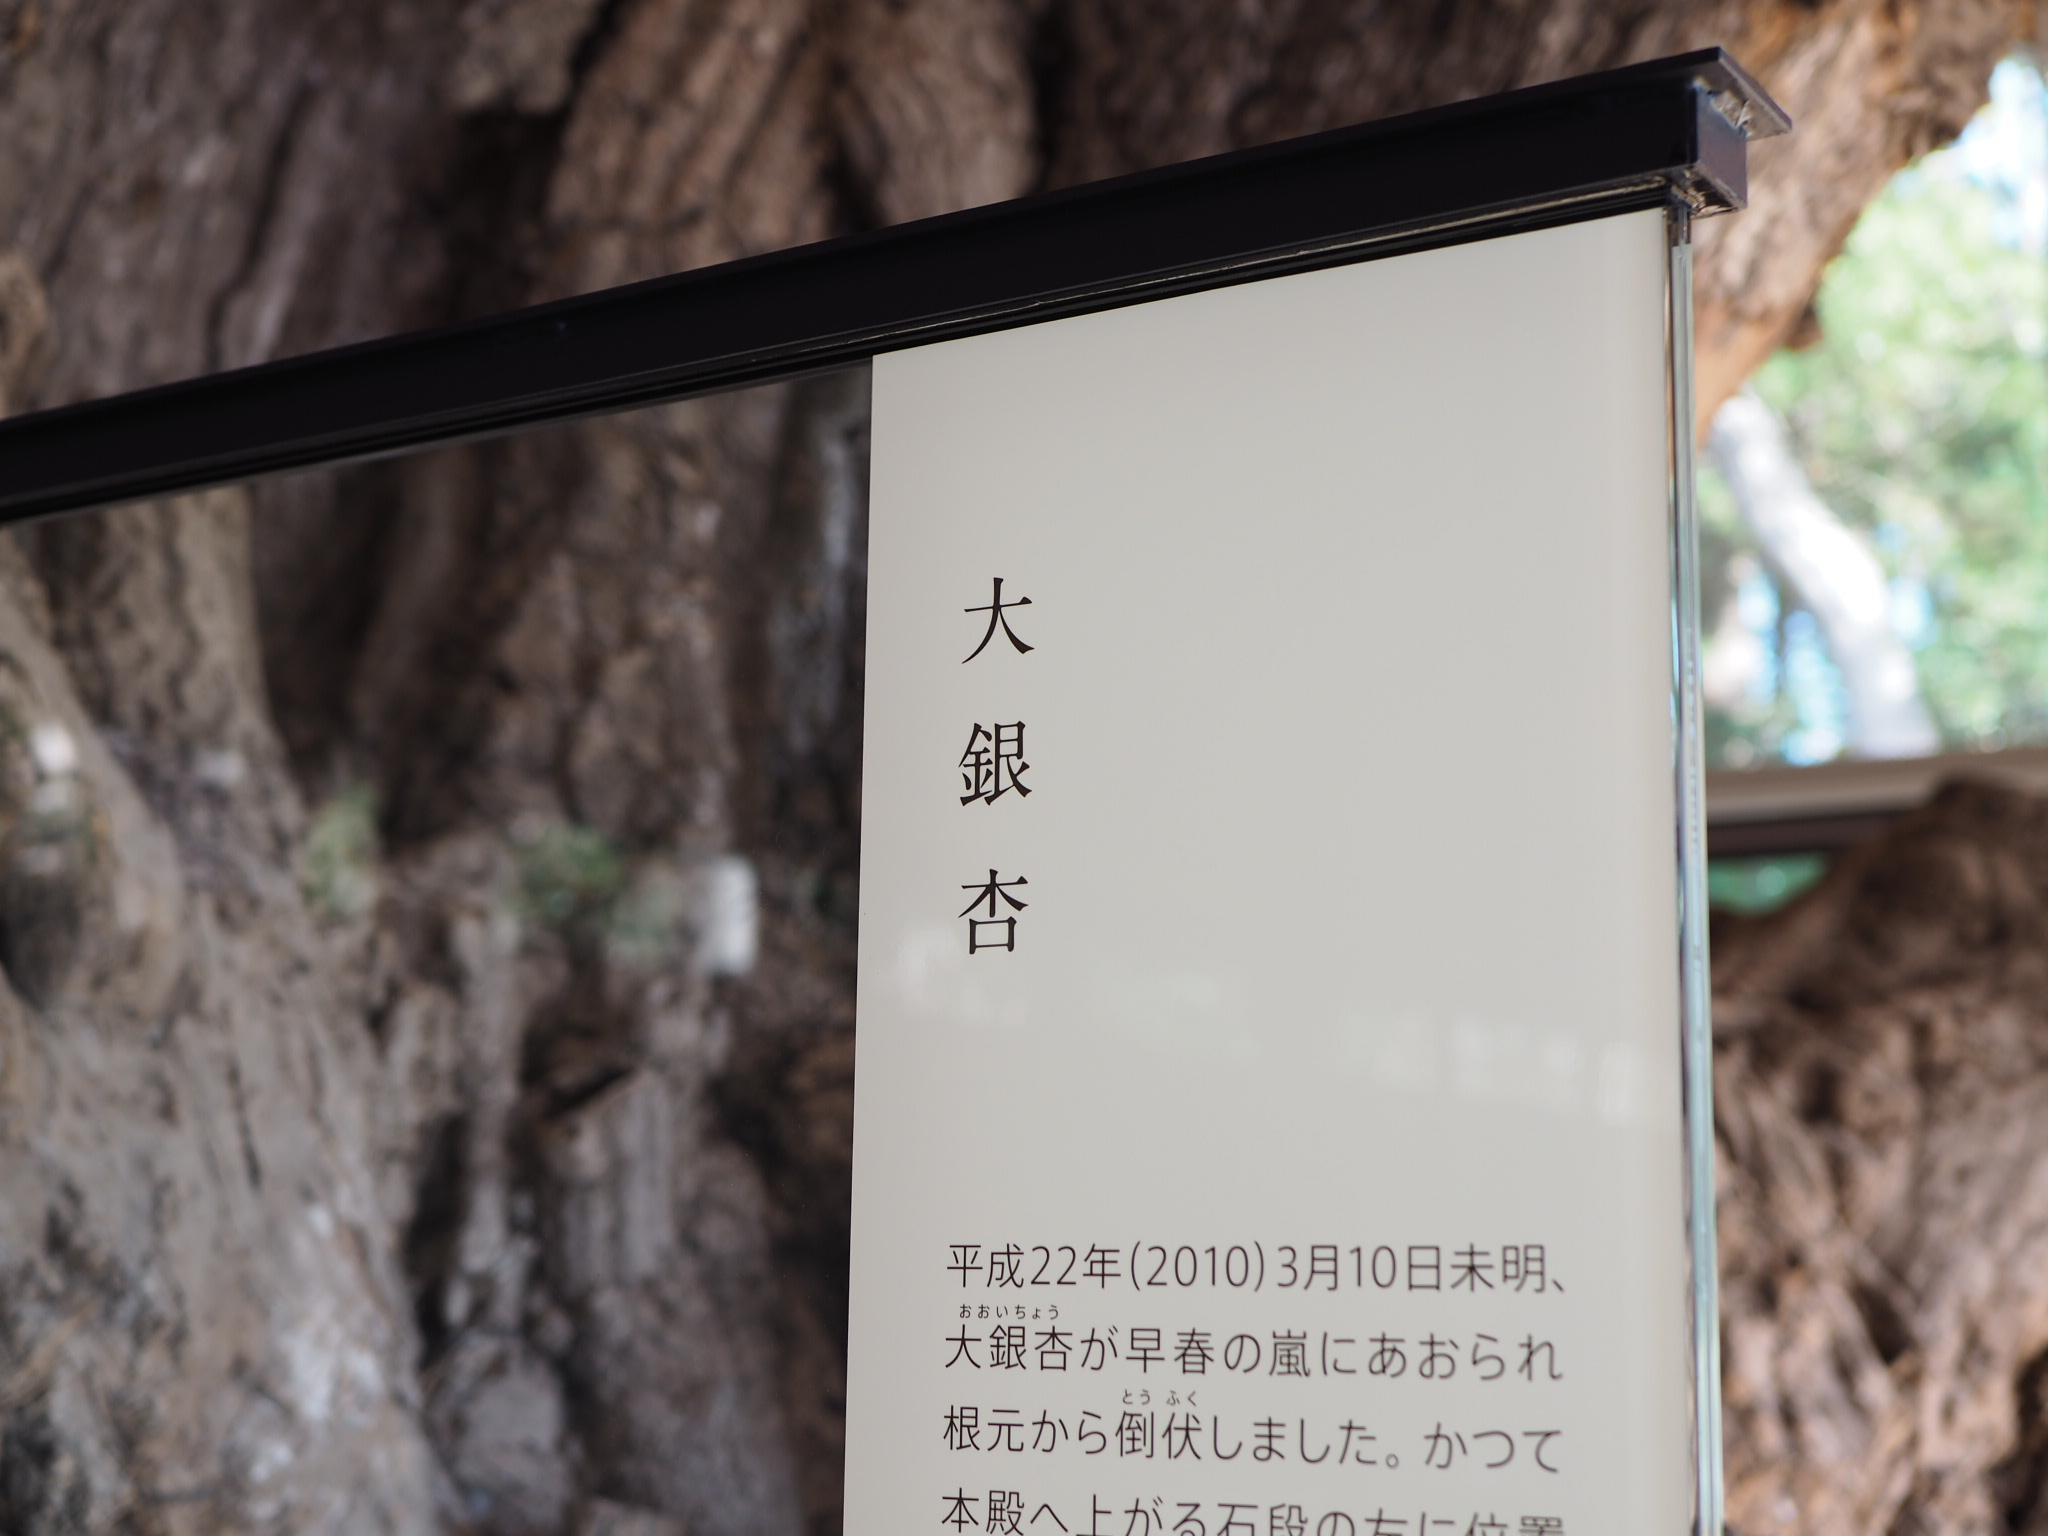 【#秋の鎌倉さんぽ】紅葉の鶴ヶ丘八幡宮♡ あの銀杏に会えるカフェ。_8